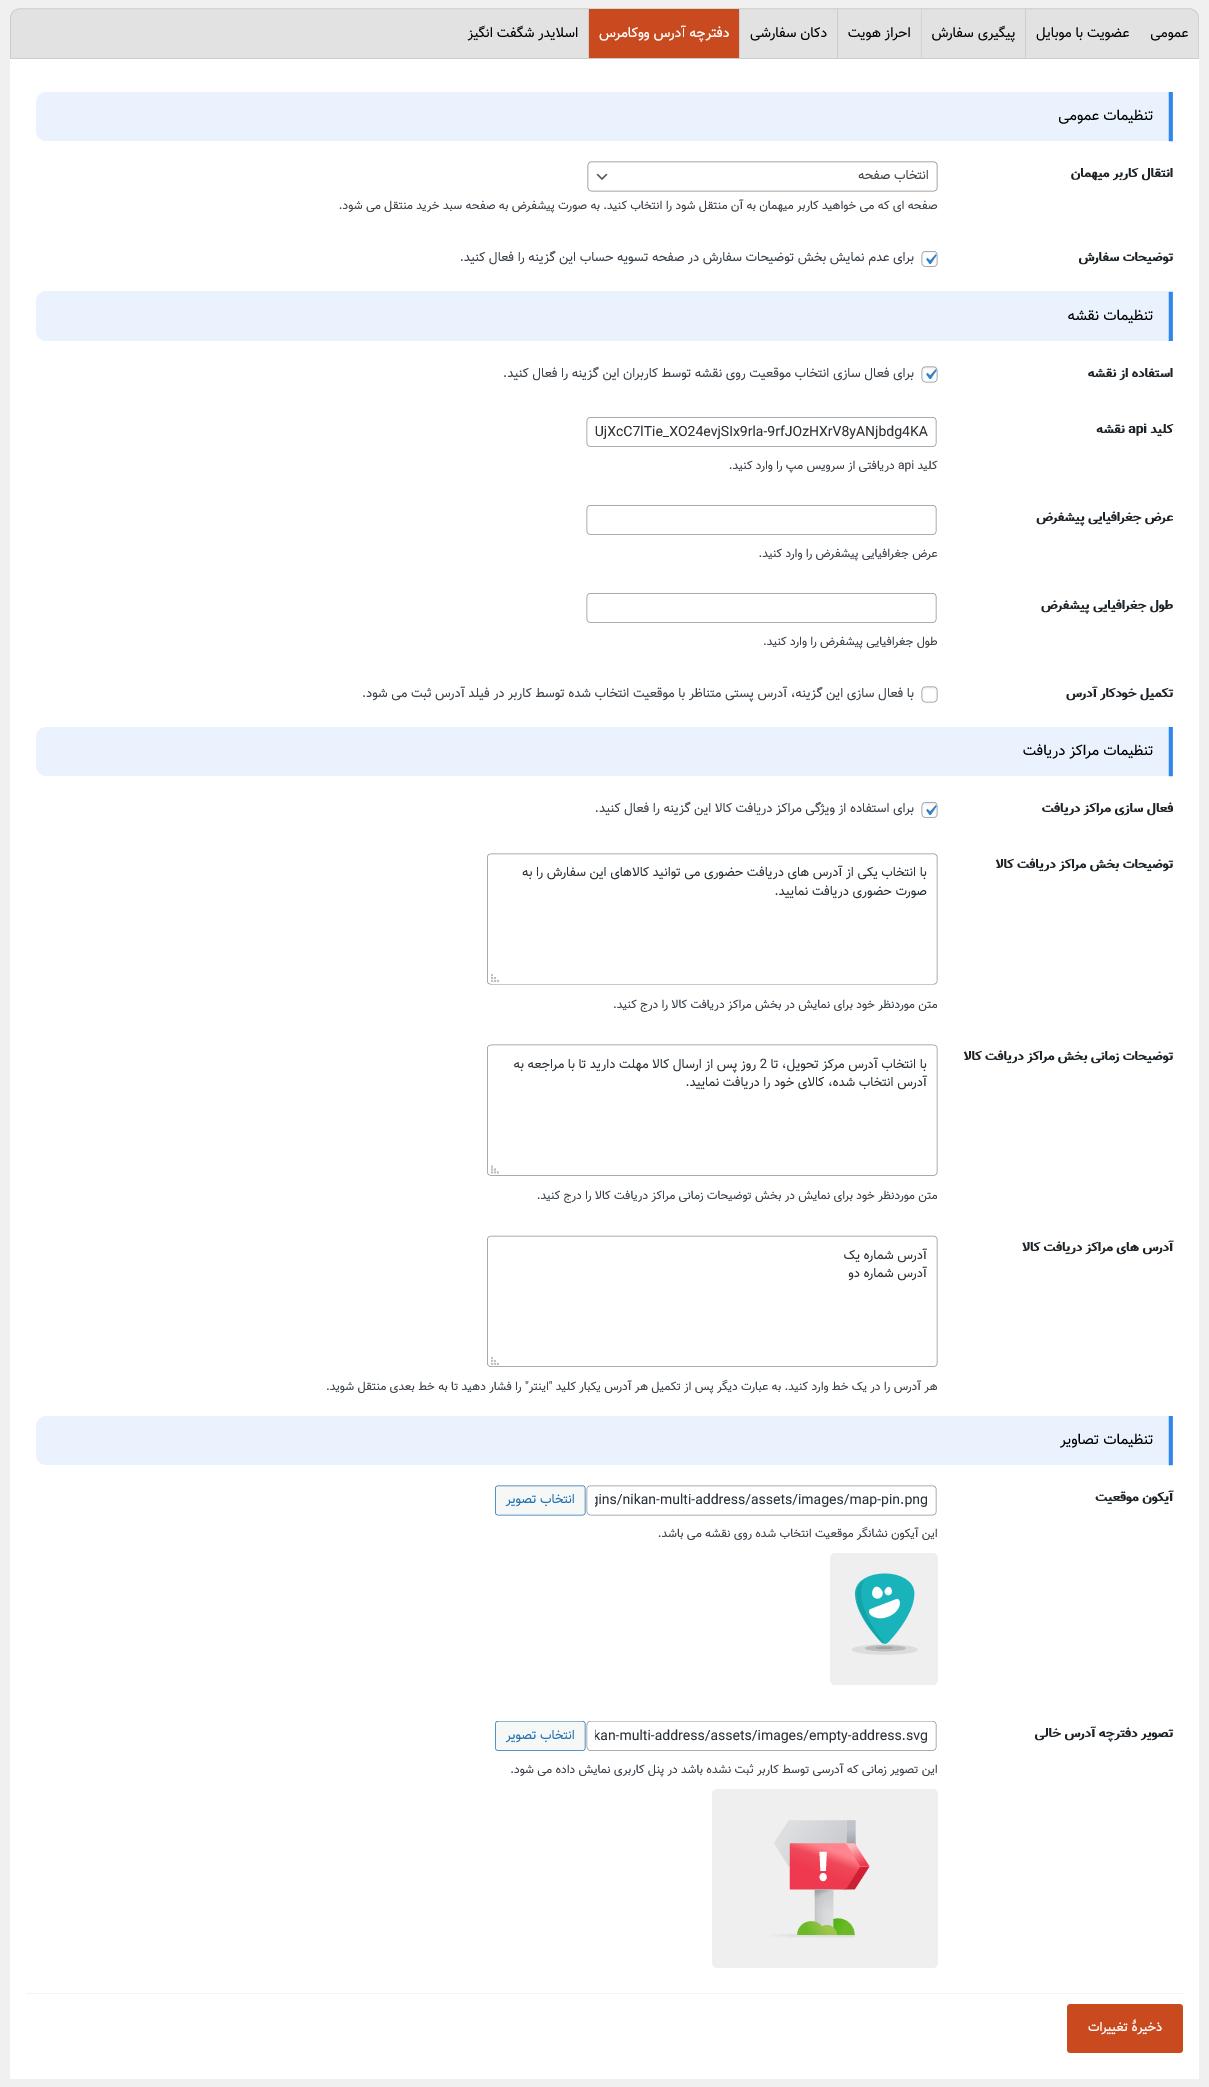 تنظیمات افزونه دفترچه آدرس ووکامرس